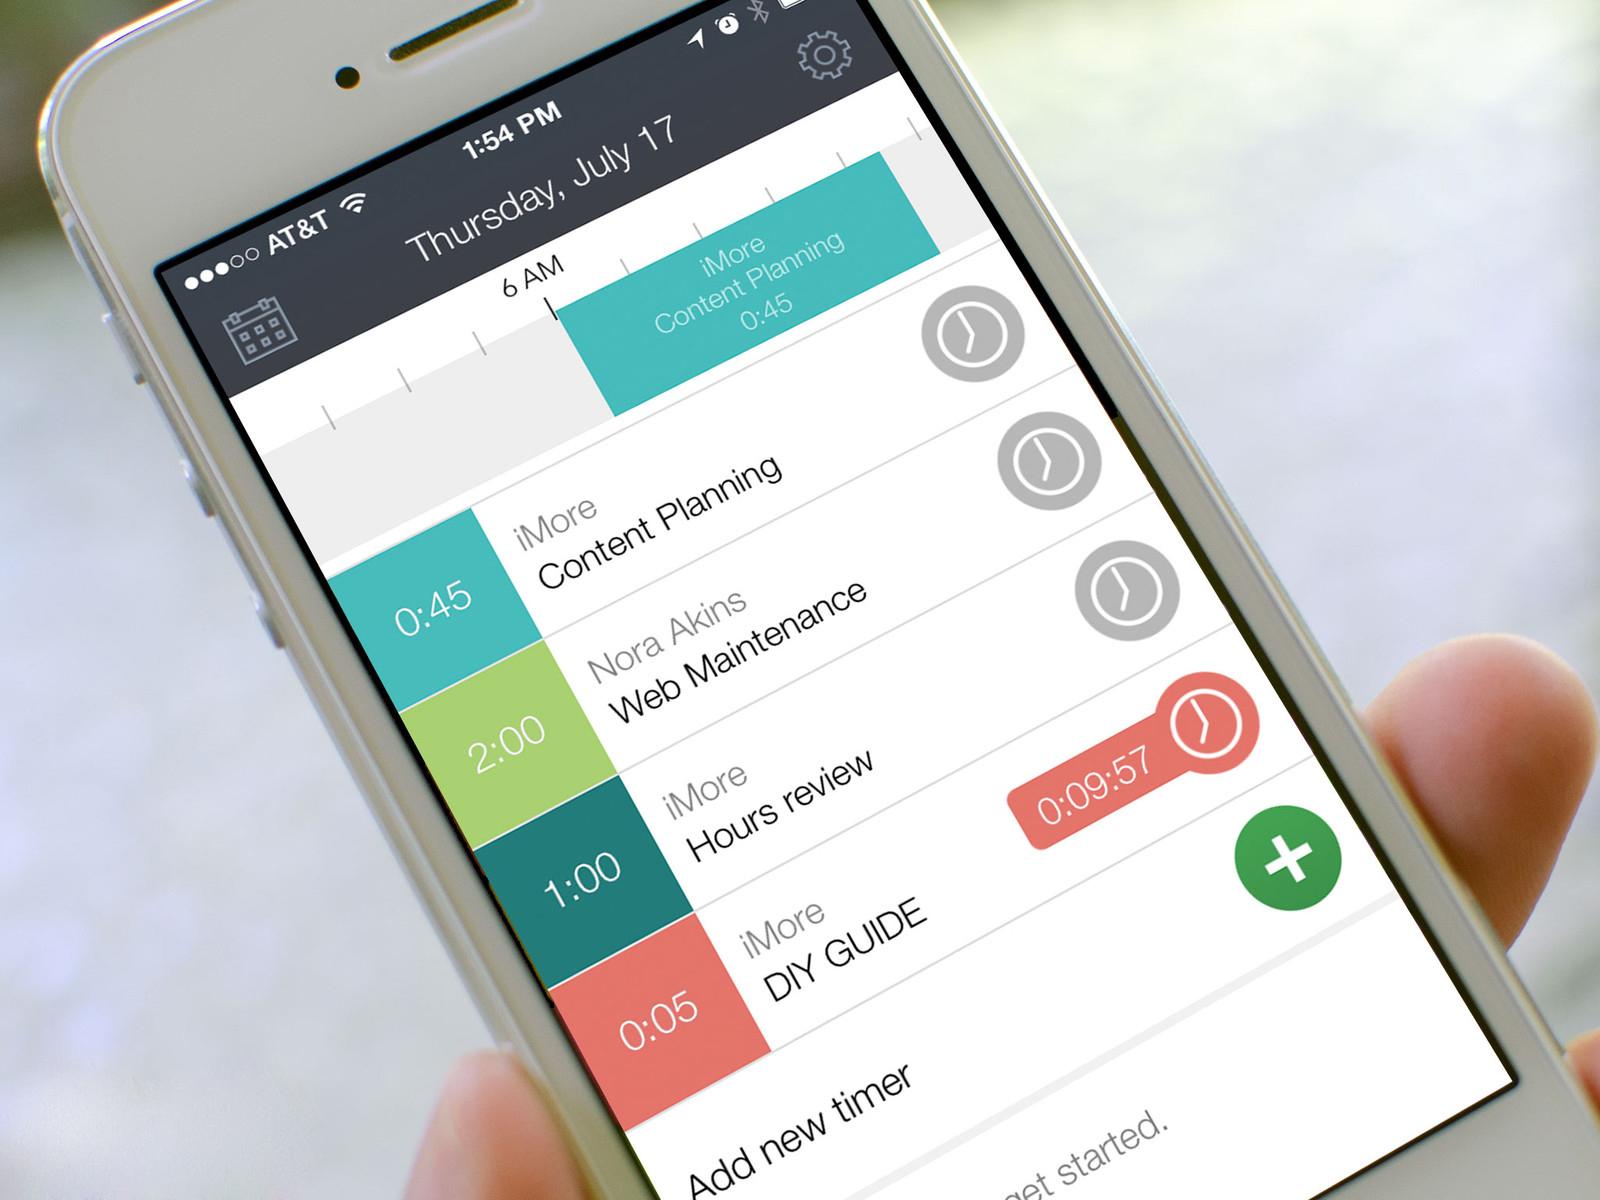 Лучшие приложения продуктивности для iOS 2014 года